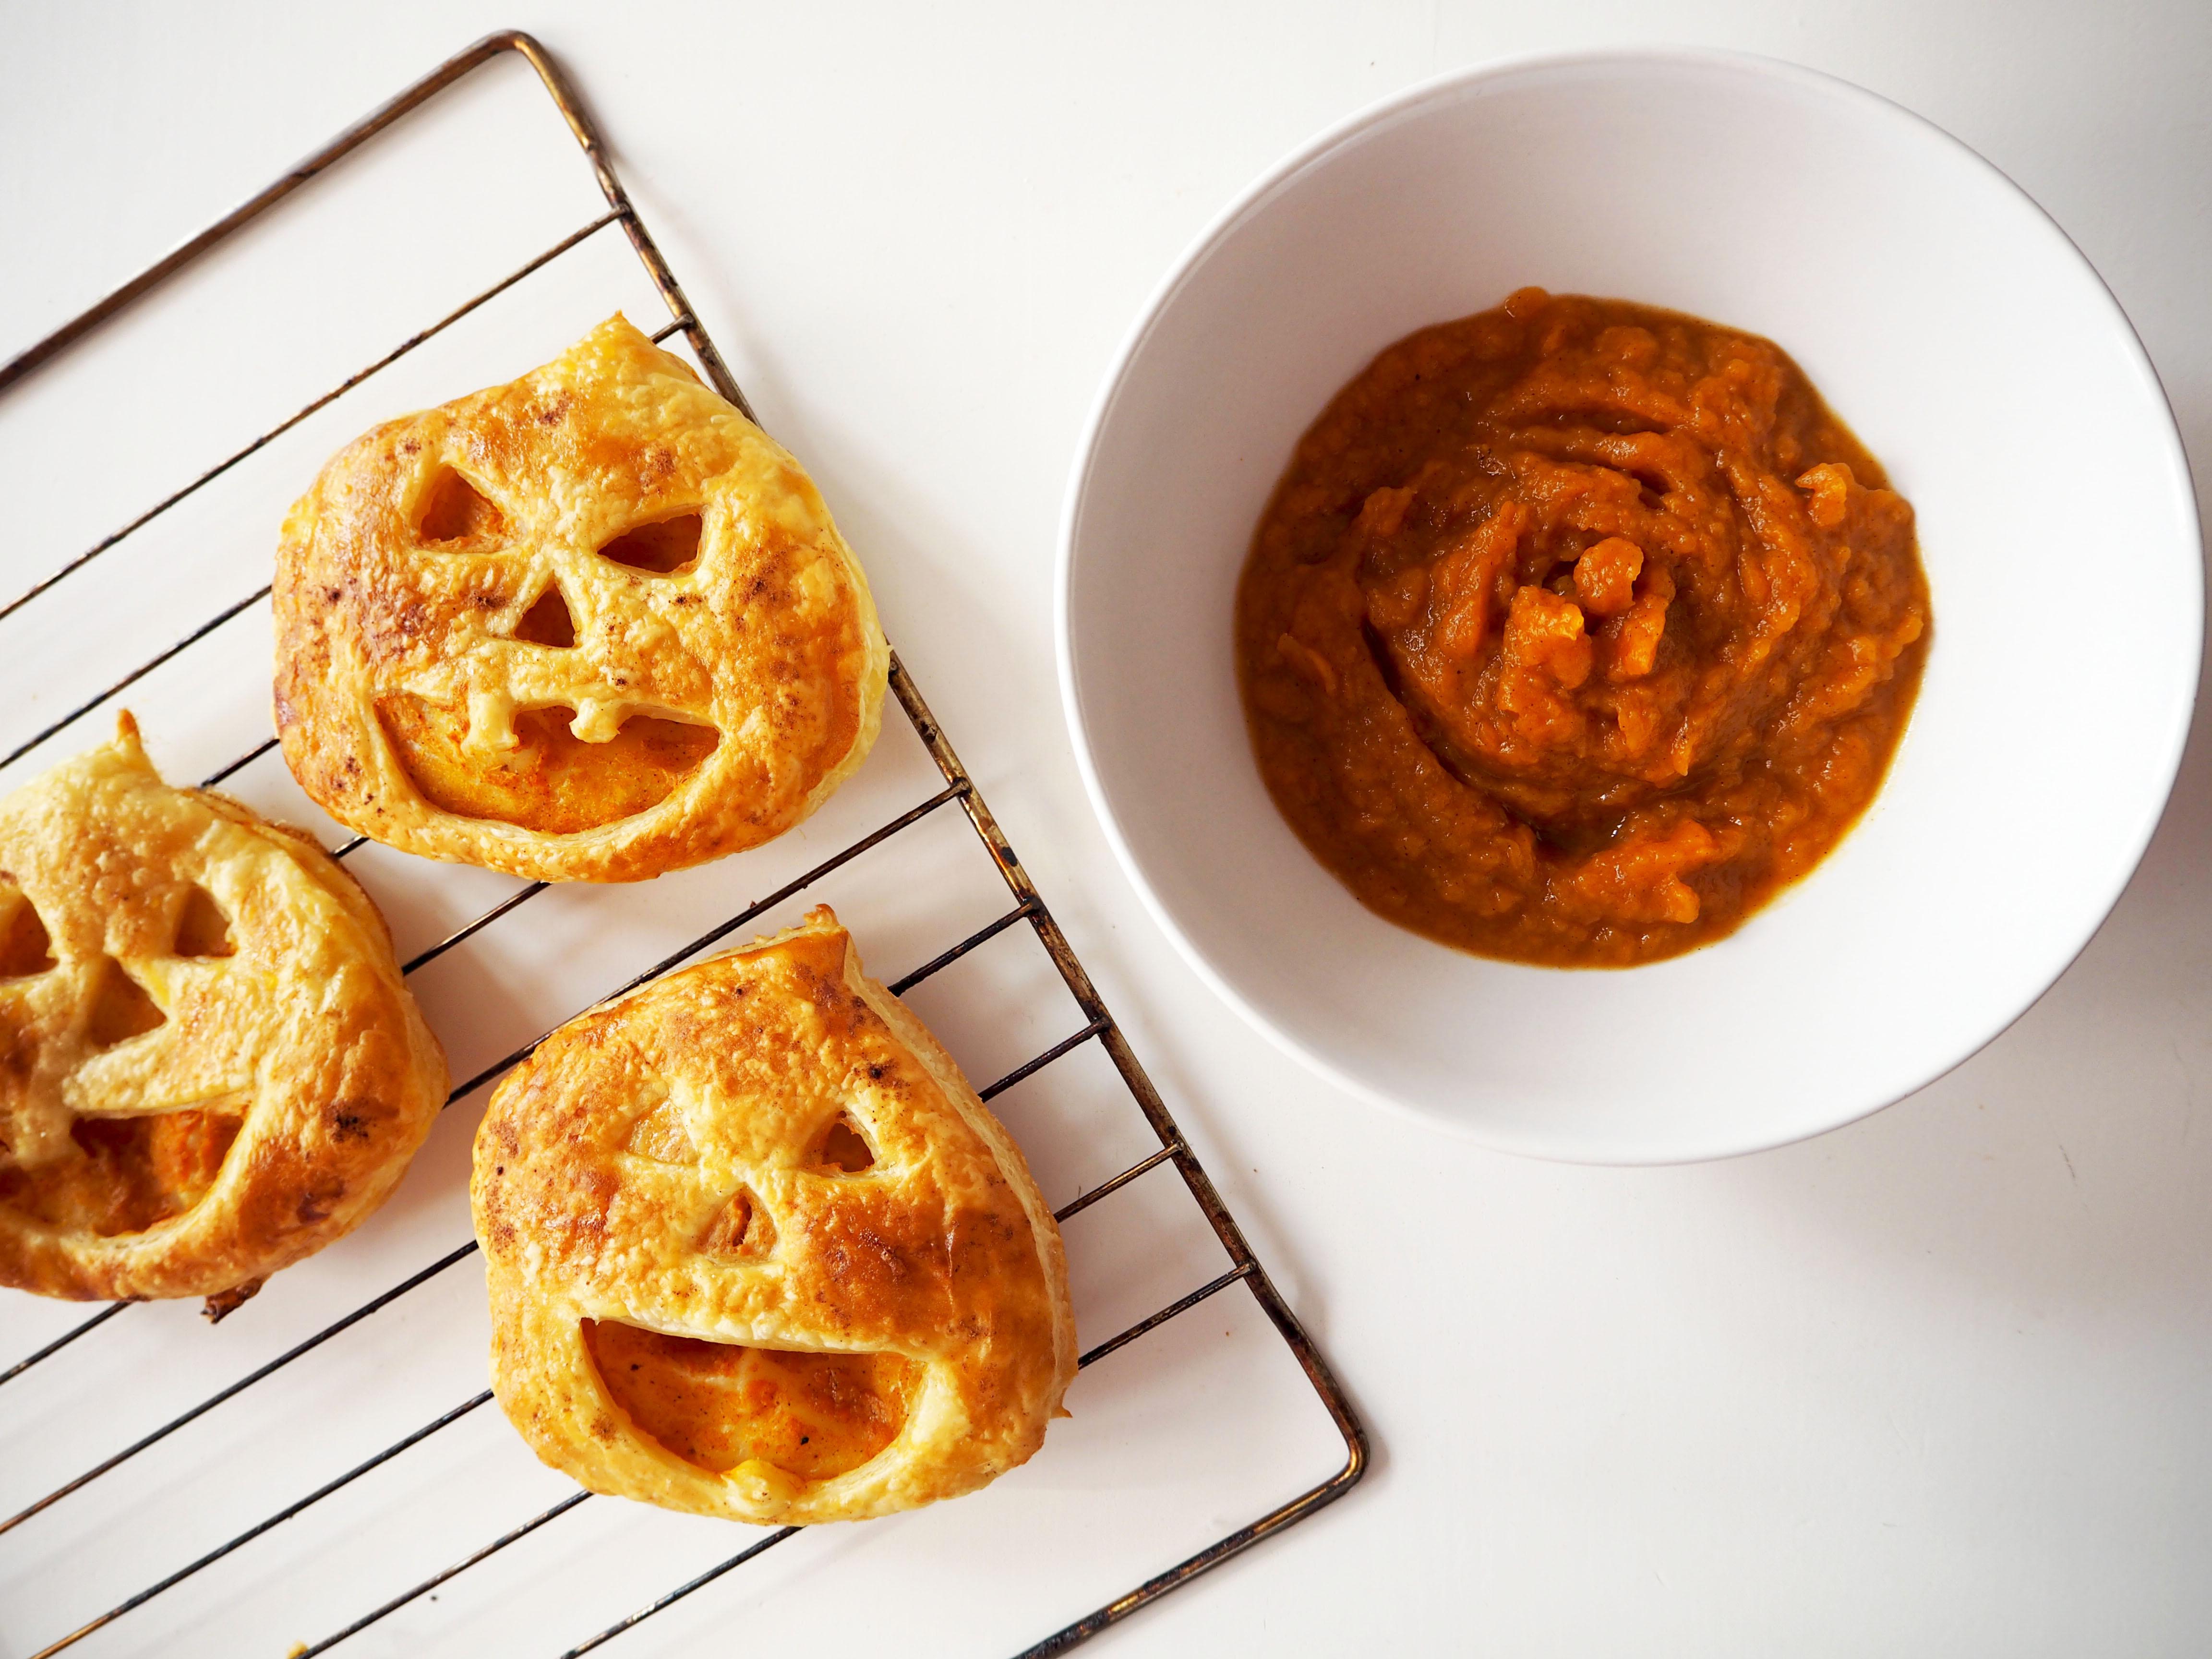 jack-o'-lantern met pompoenpuree en pumpkin spice